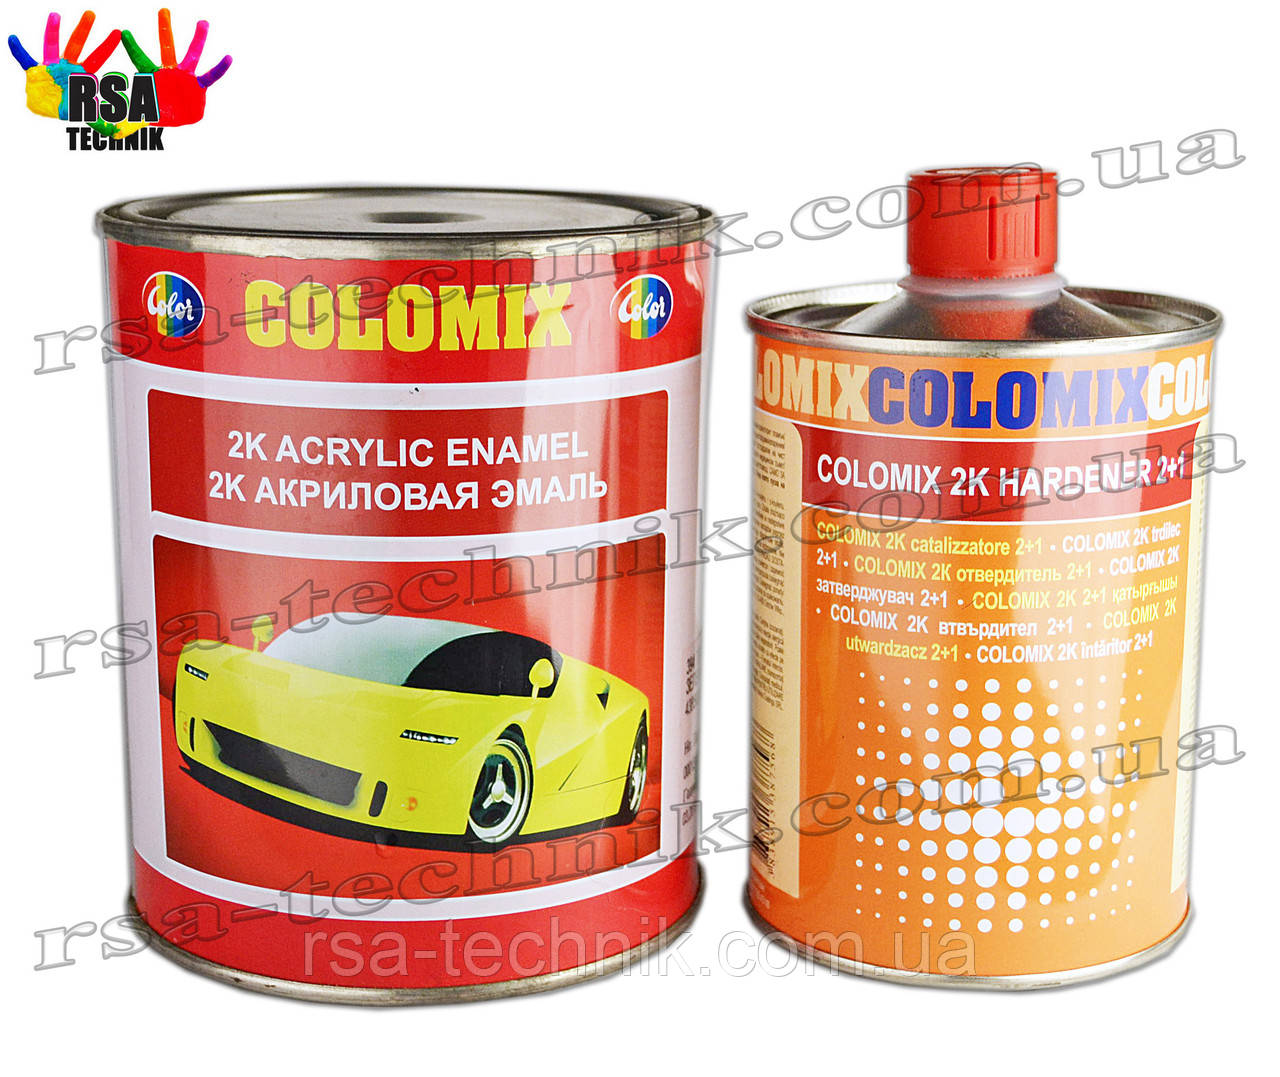 Colomix 2К акрилова емаль (Торнадо 170) з затверджувачем